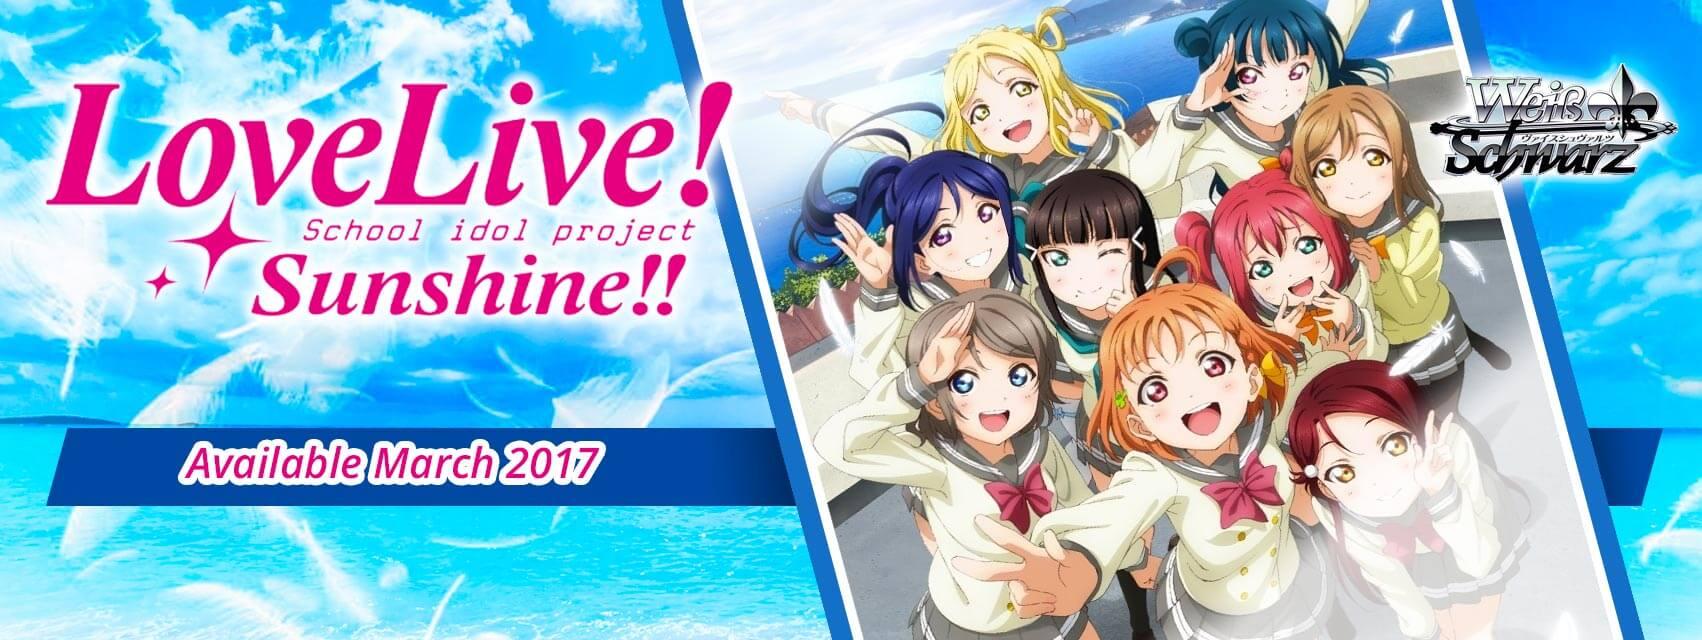 LoveLive Sunshine